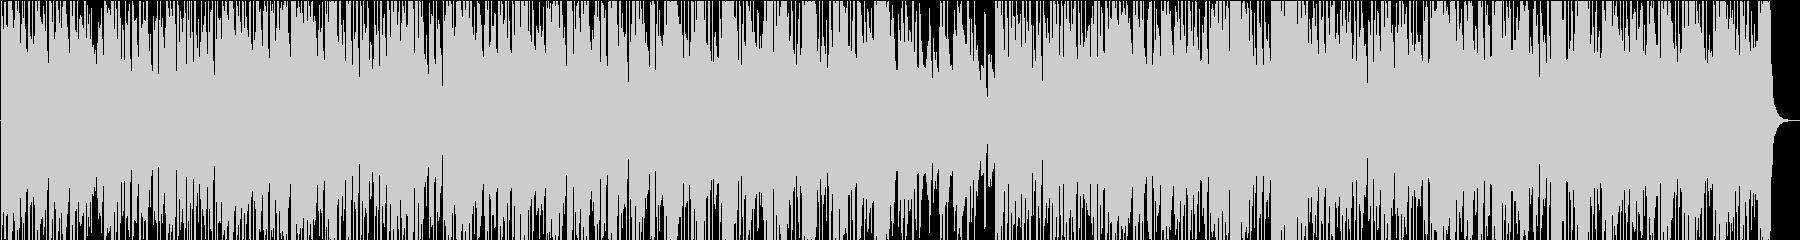 滑らかでアルトサックスのメロディー...の未再生の波形